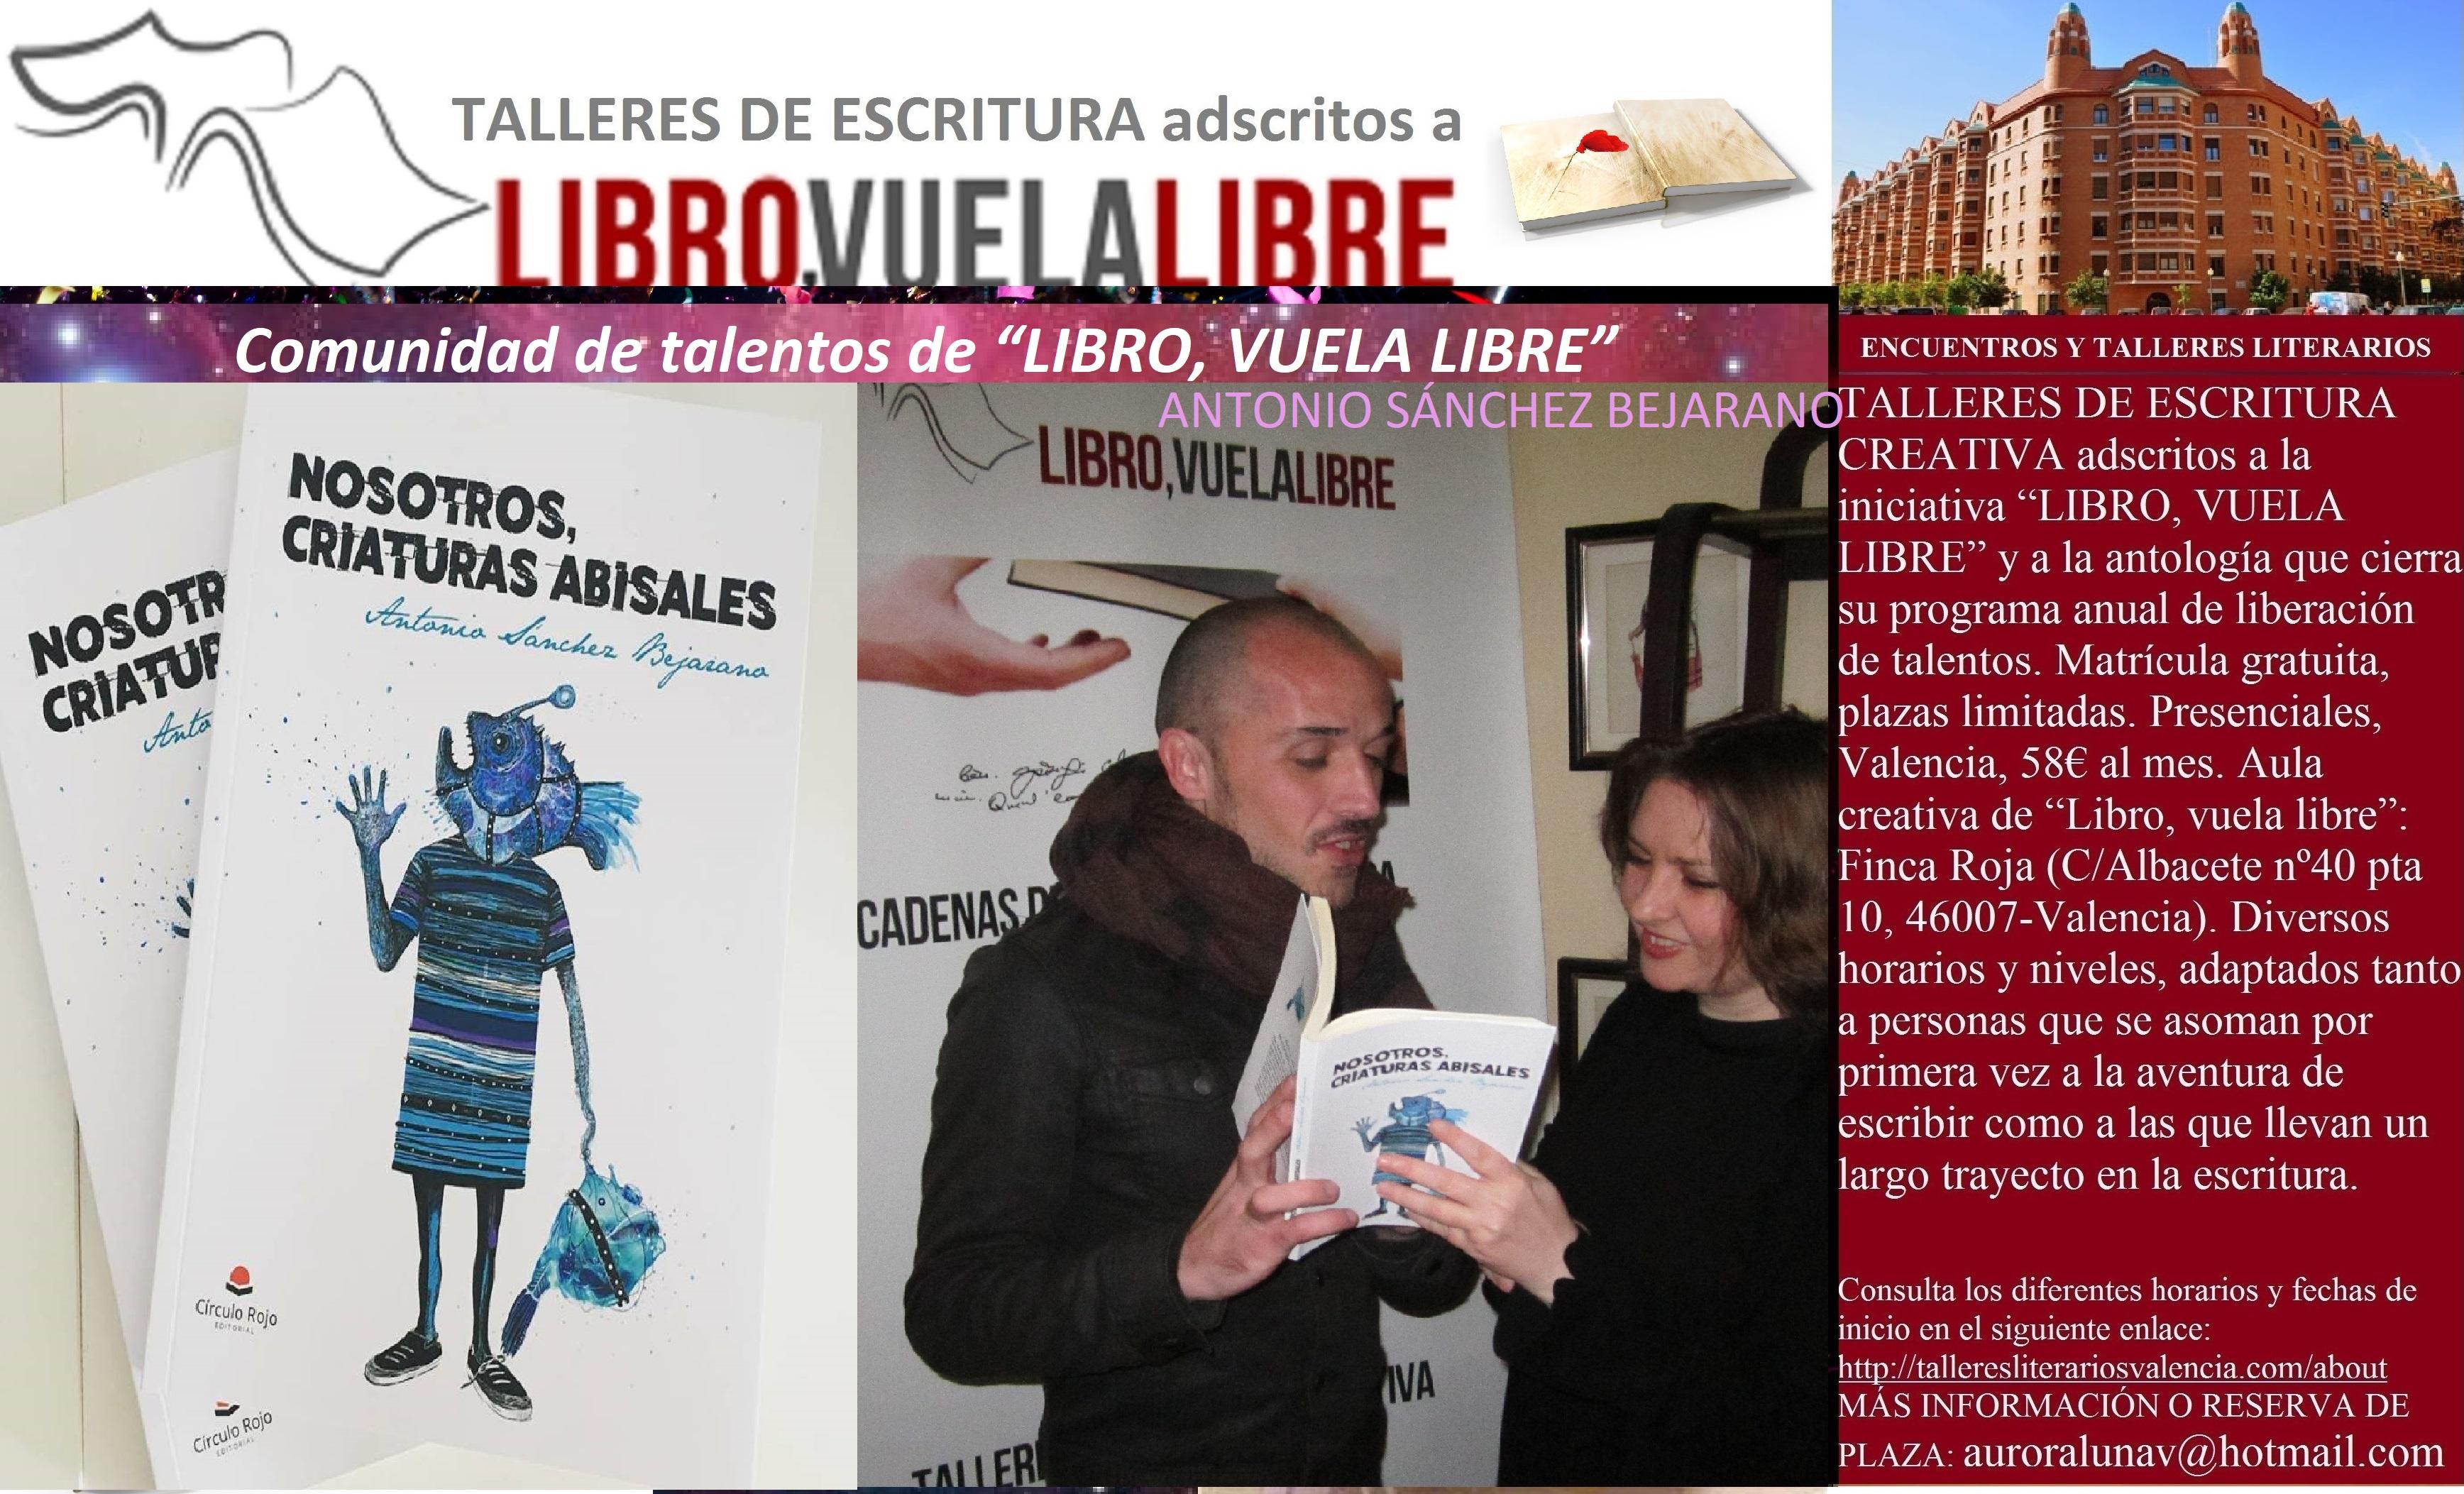 NOSOTROS, CRIATURAS ABISALES. Recomendaciones literarias de los cursos de escritura de LIBRO, VUELA LIBRE